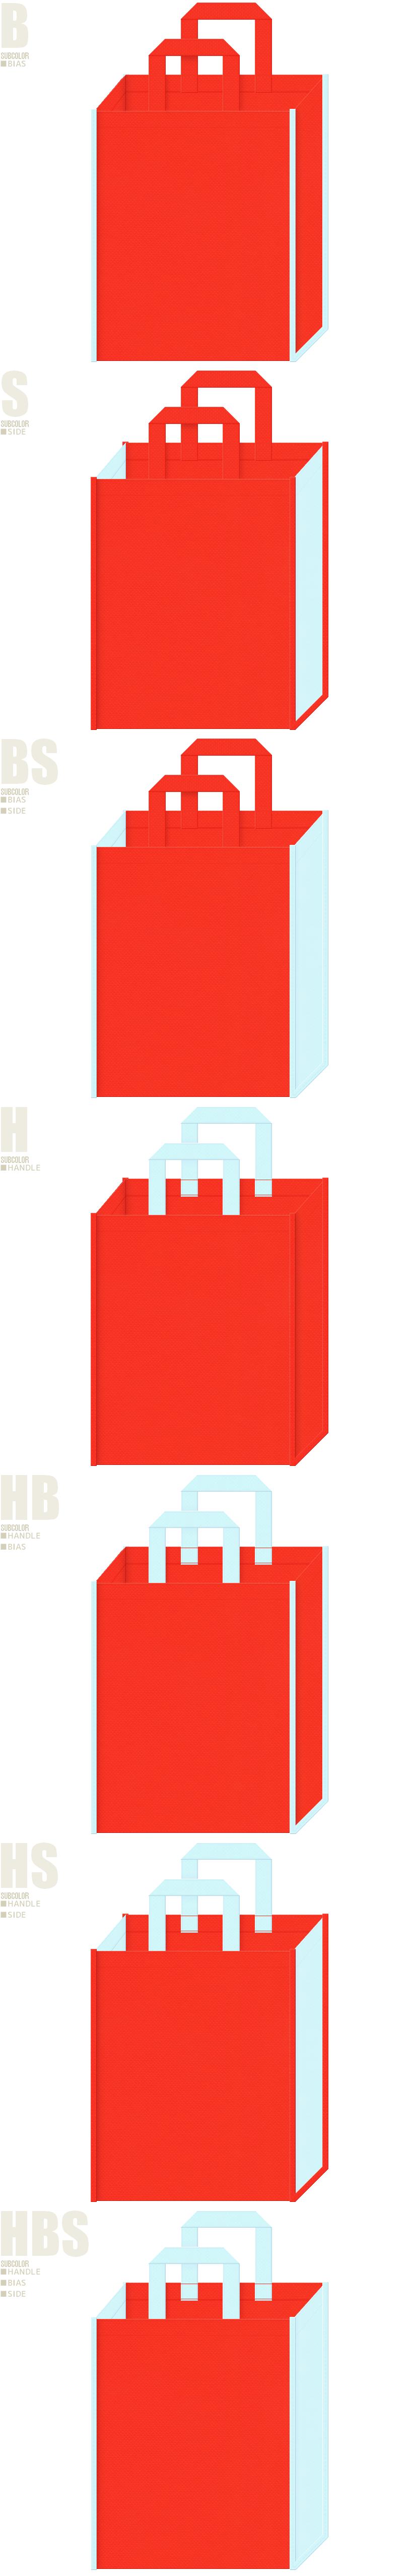 サプリメントの展示会用バッグにお奨めの、オレンジ色と水色-不織布バッグ二色配色7パターンのデザイン例。